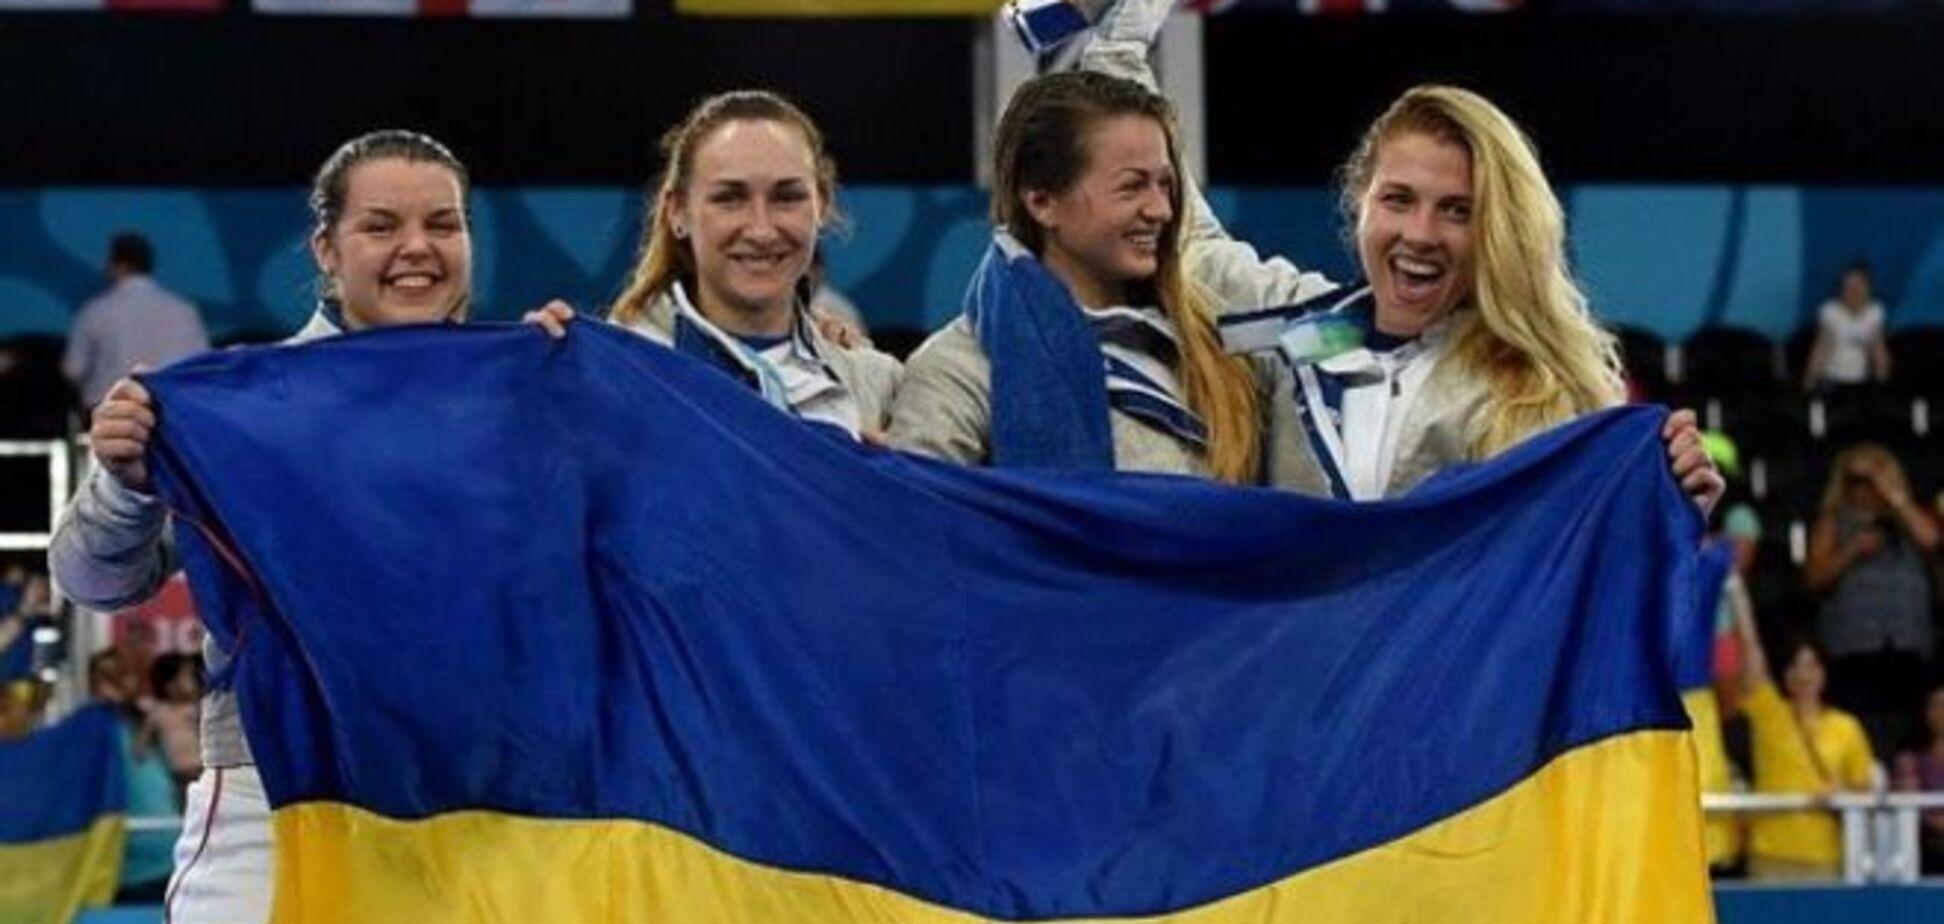 Україна завоювала чотири медалі на Європейських іграх і піднялася в Топ-8. Підсумки 15-го дня в Баку